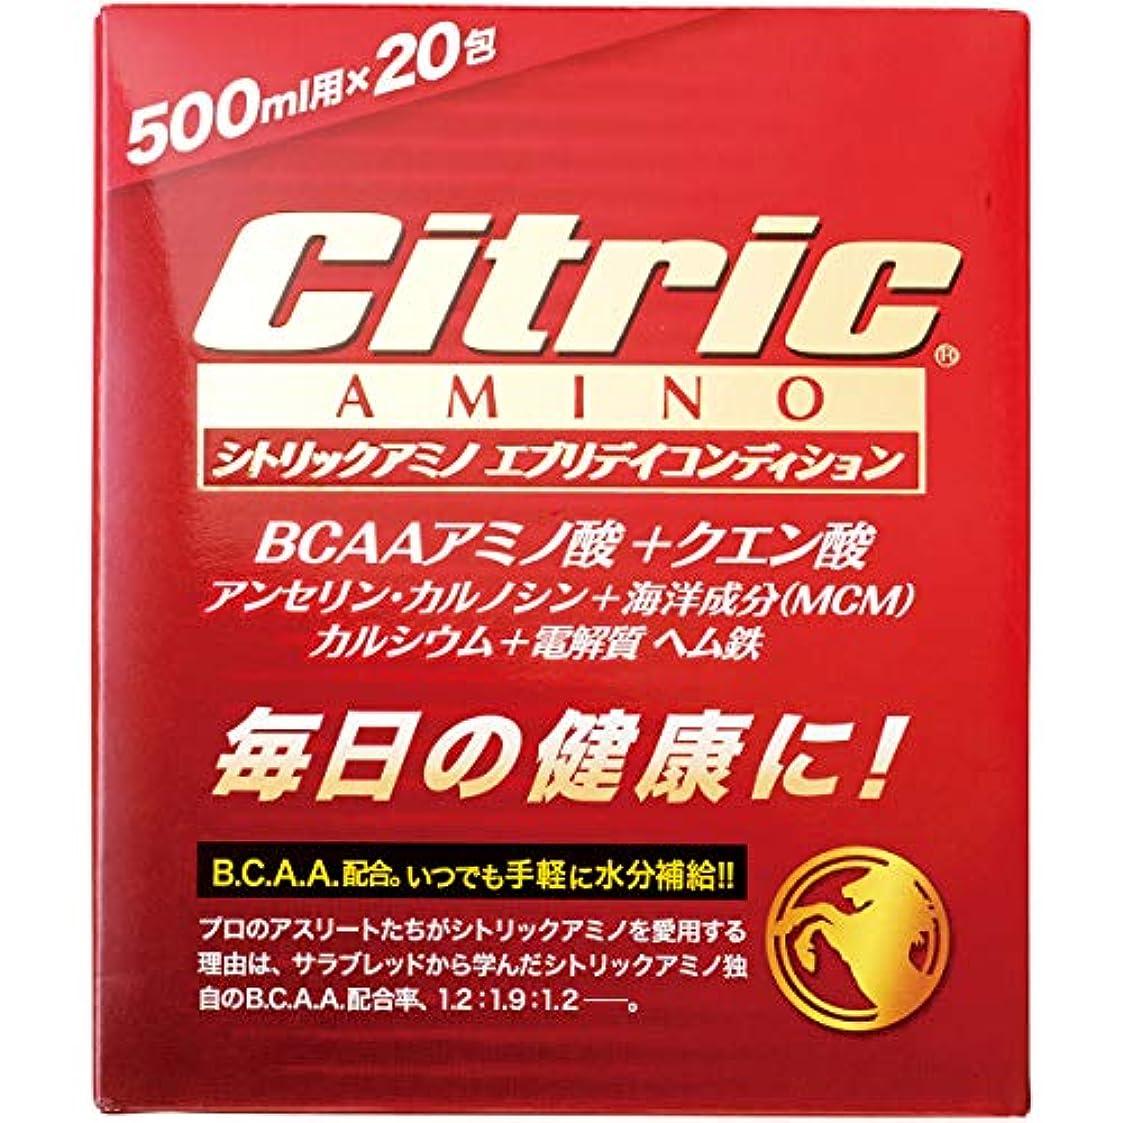 簡潔なブラインド先のことを考えるシトリックアミノ(Citric AMINO) (美容と健康) エブリディコンディション 6g×20包入  8157